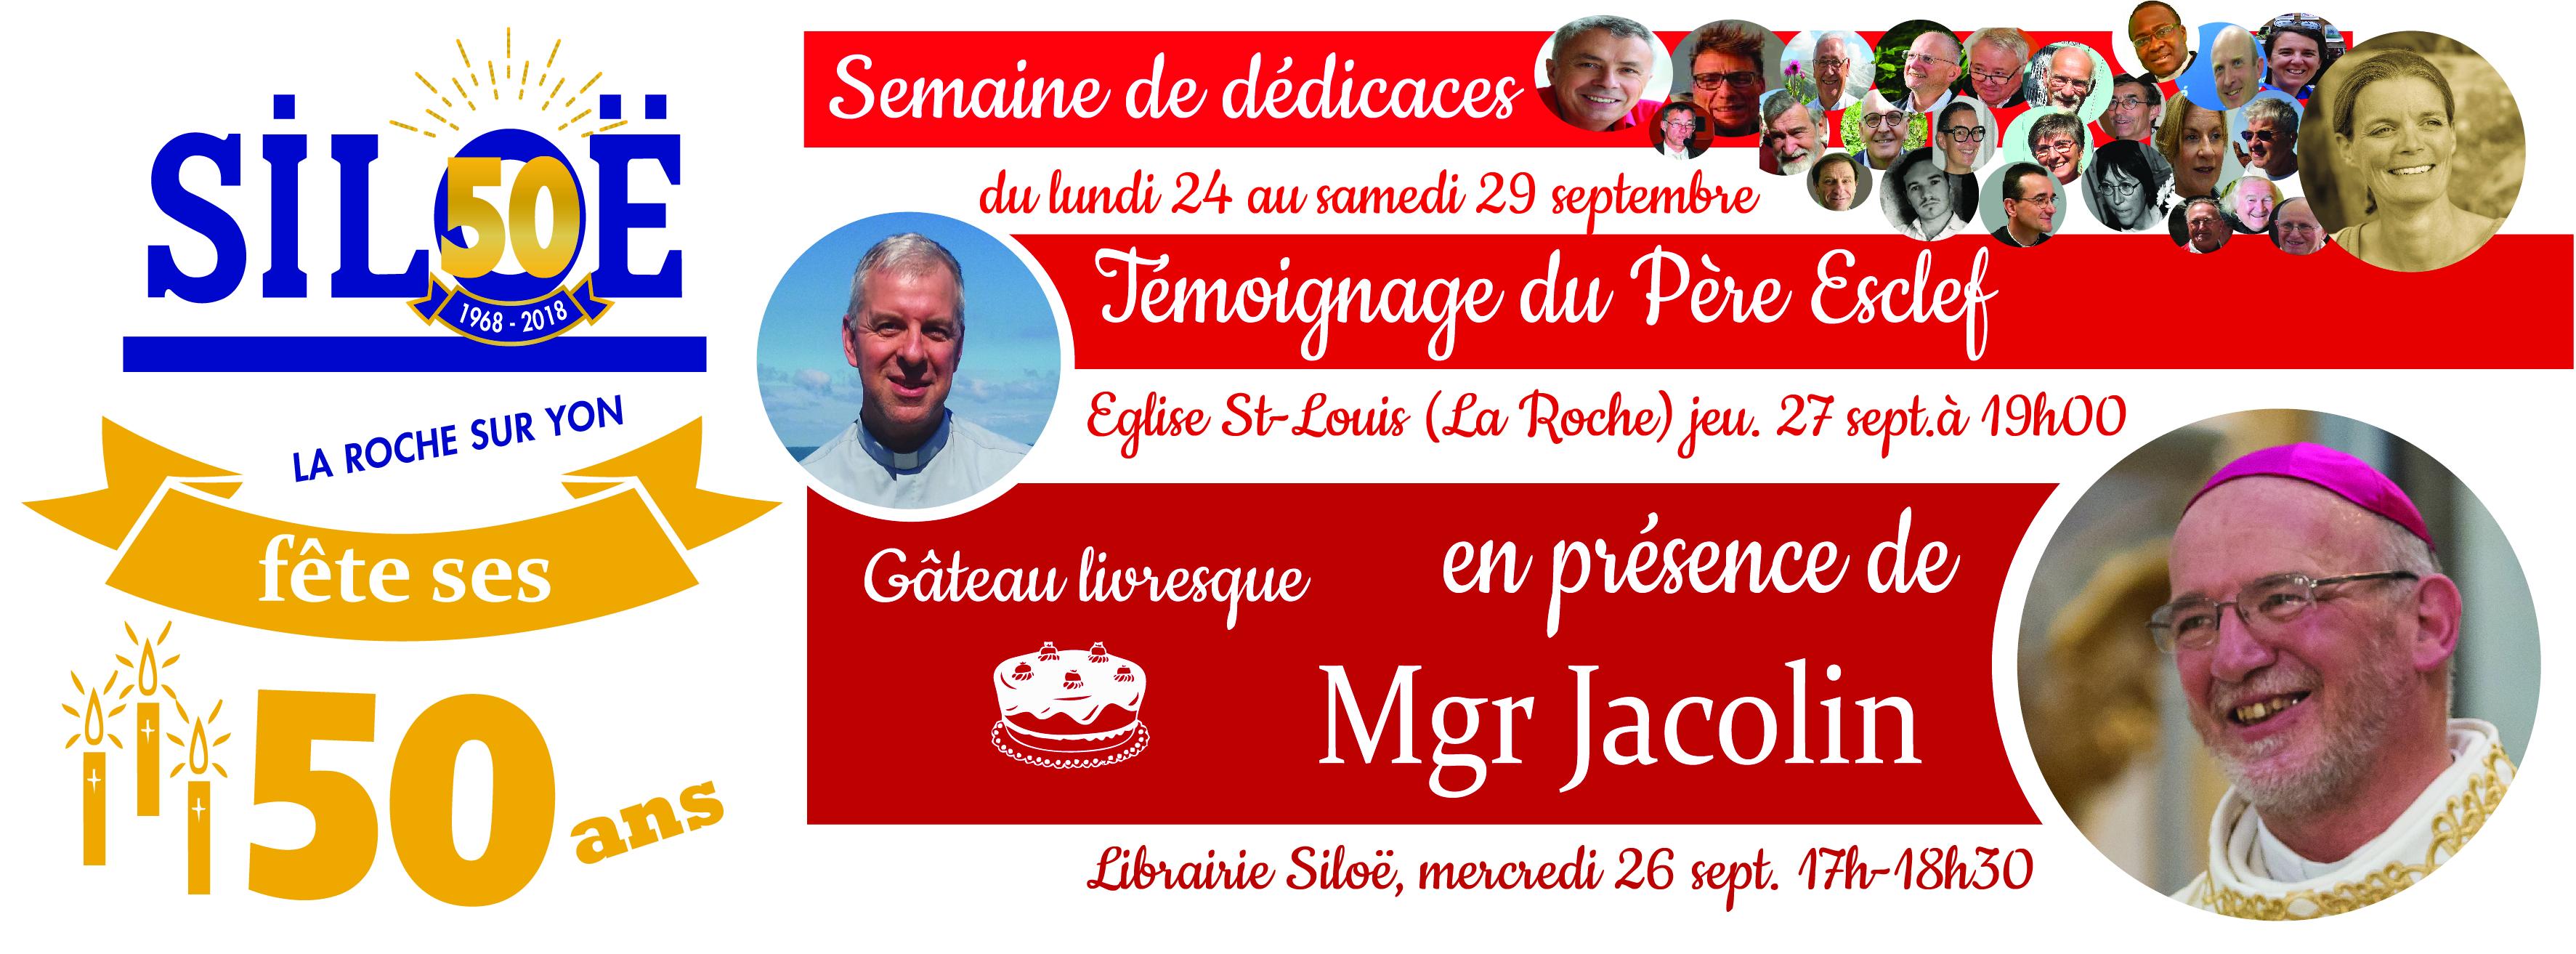 La librairie Siloë fête ses 50 ans! Jusqu'au 29 septembre 2018 à La-Roche-sur-Yon (85)